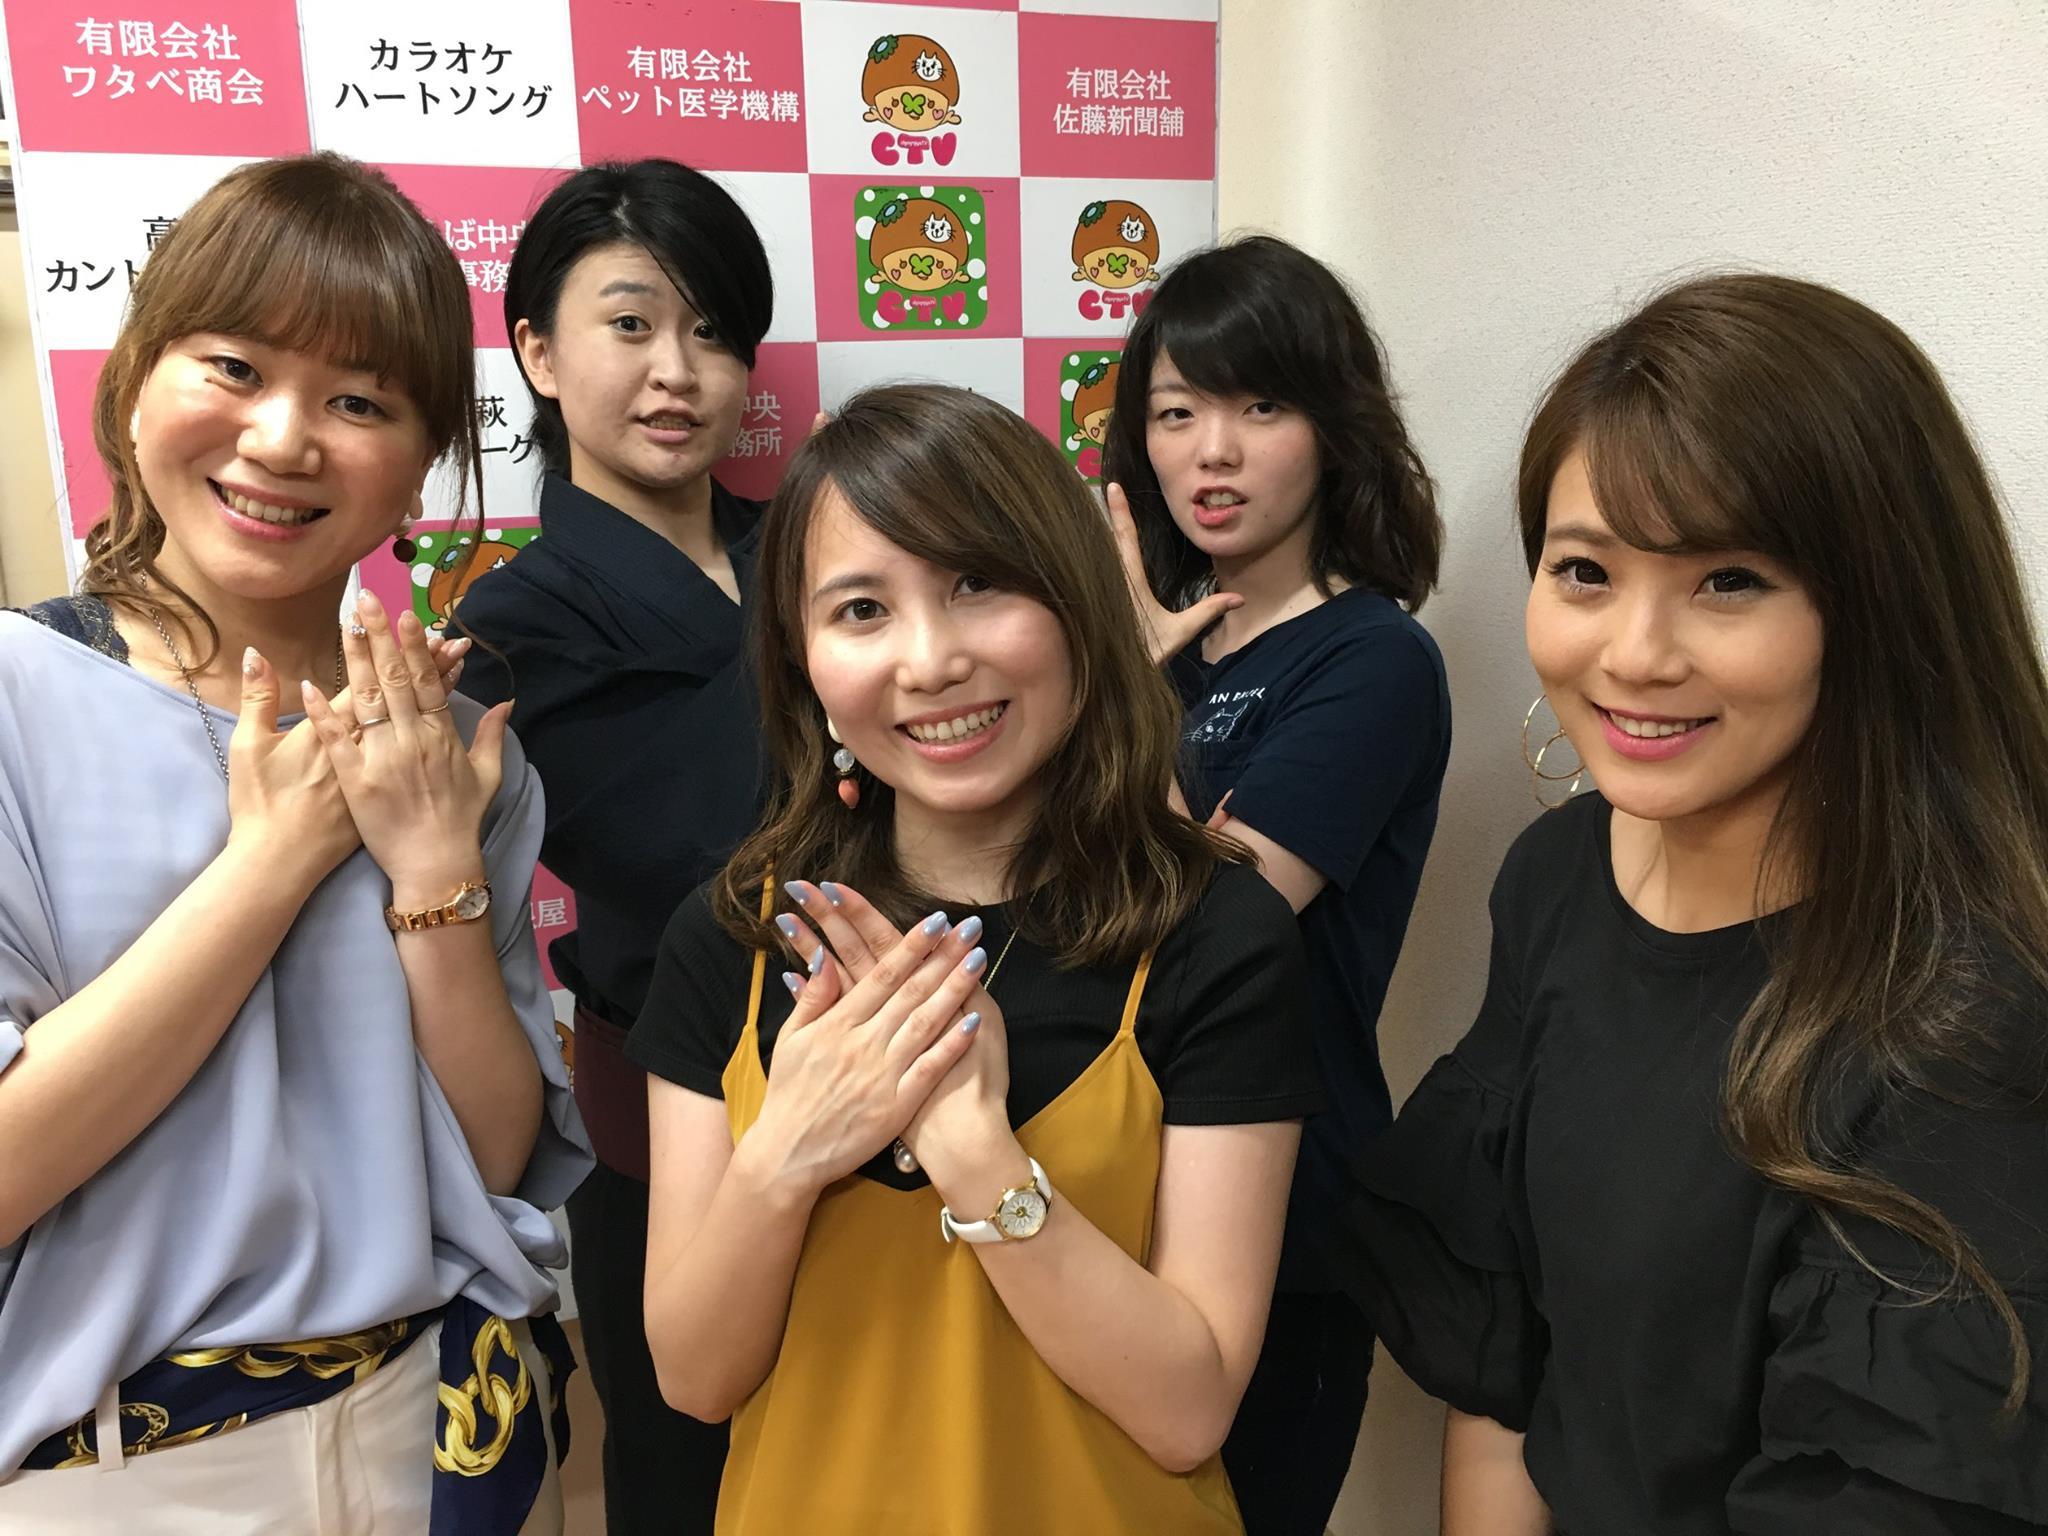 [2017/6/22] ♡夕暮れモーモー #51♡くりちゃん&めいちゃん